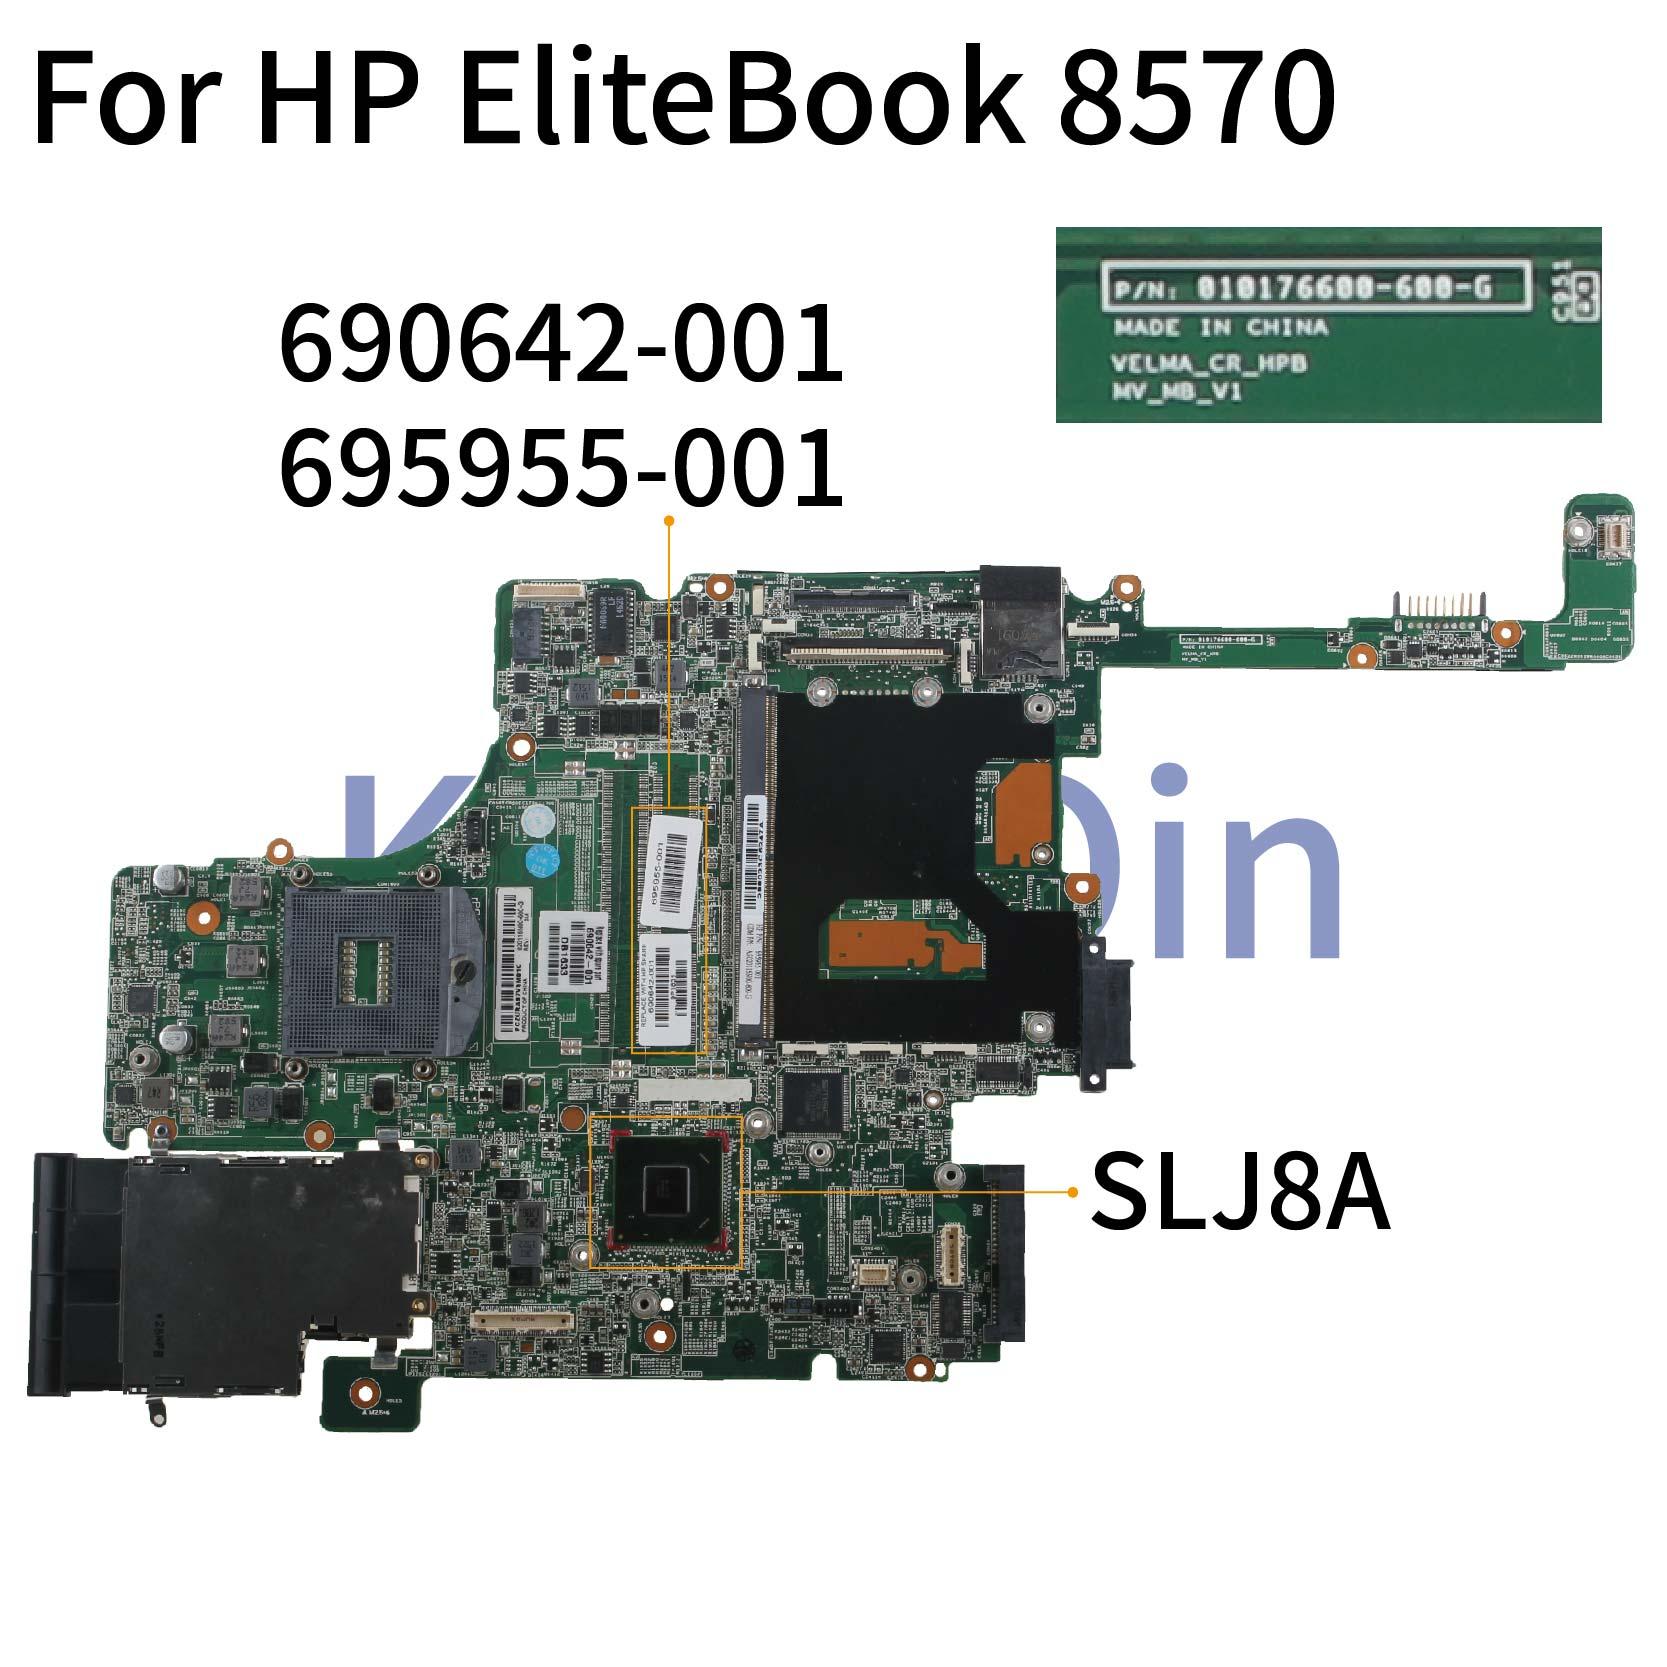 KoCoQin Laptop Motherboard For HP EliteBook 8570W QM77  2RAM Mainboard 690642-001 690642-501 010176600-600-G SLJ8A